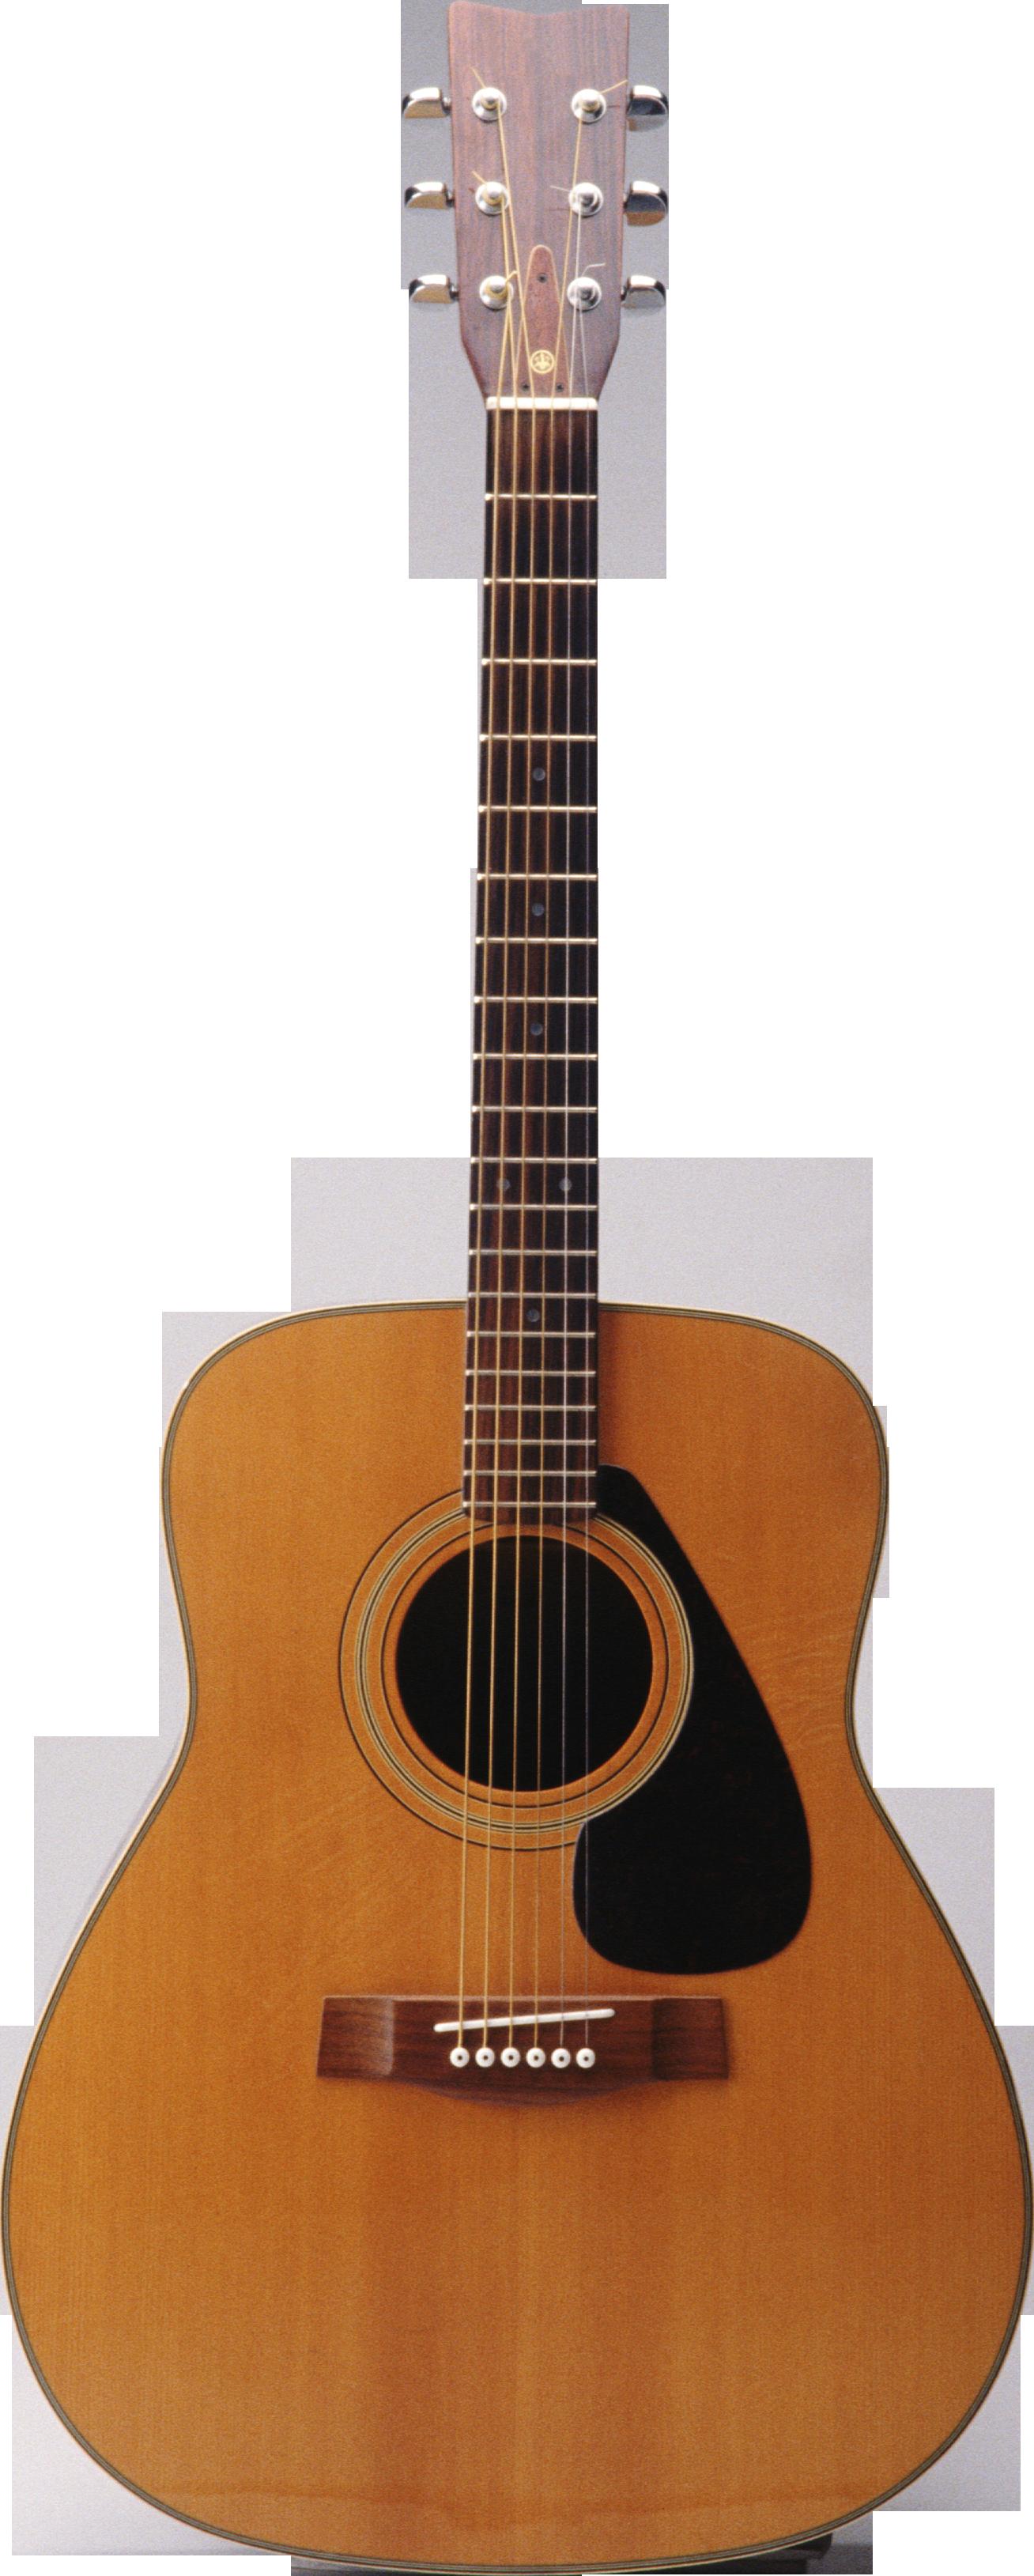 Clipart guitar orange guitar, Clipart guitar orange guitar ...